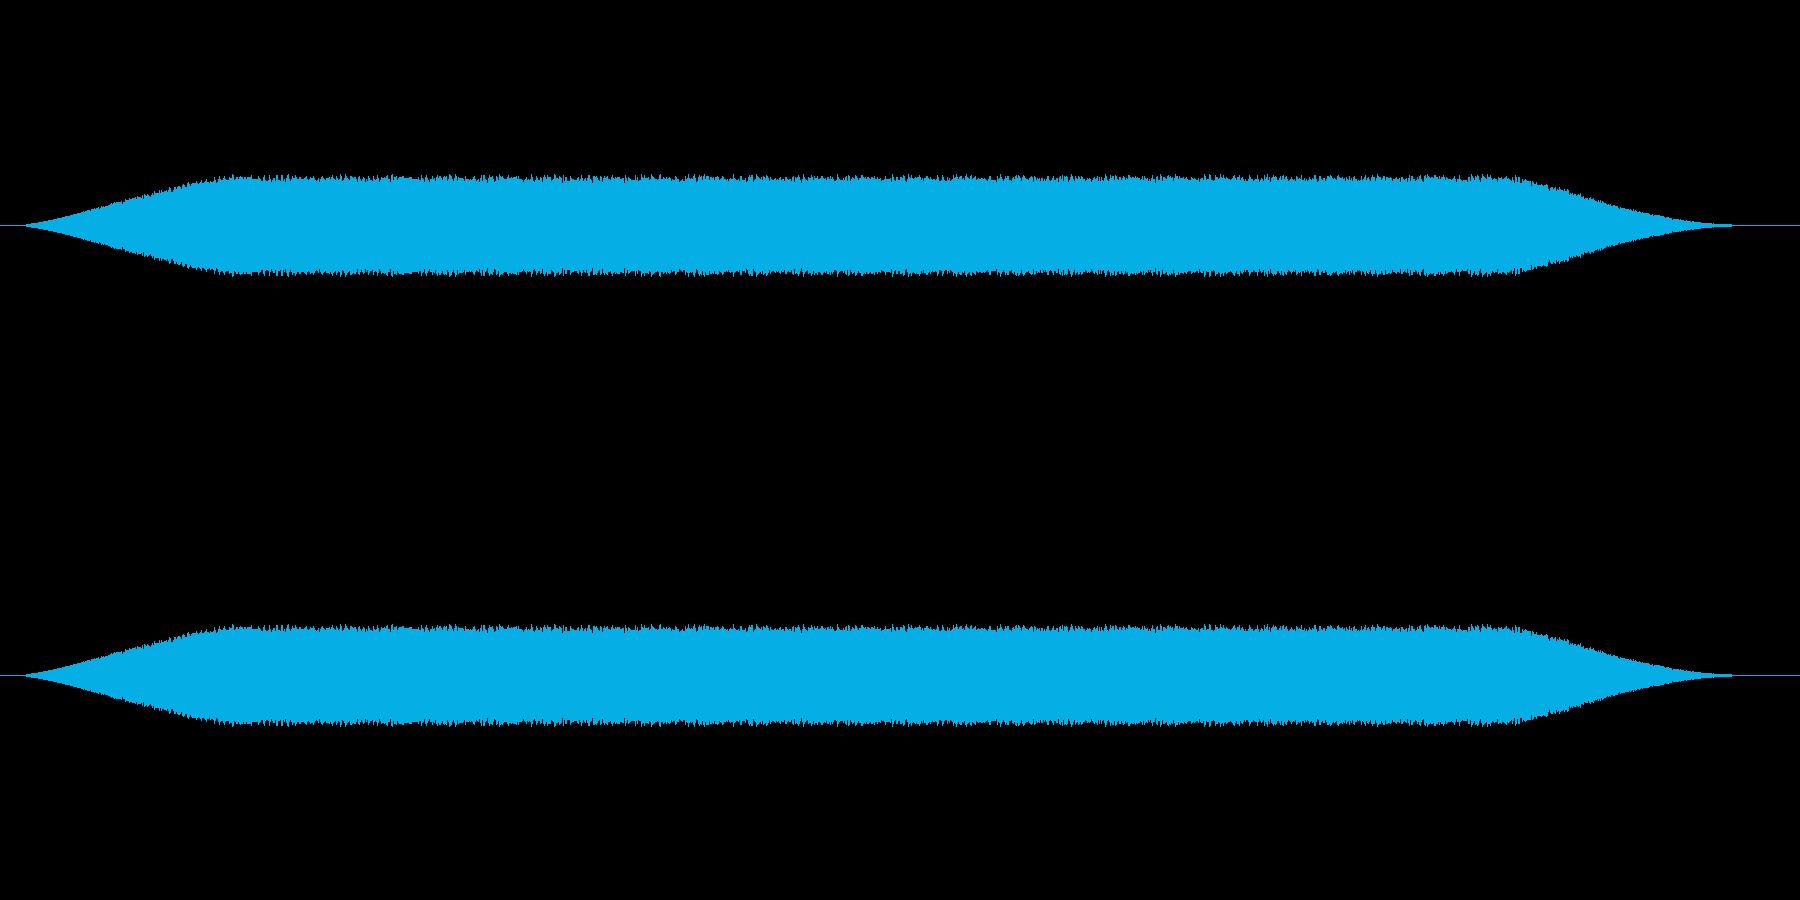 メカ動作・レーザーメス#1の再生済みの波形